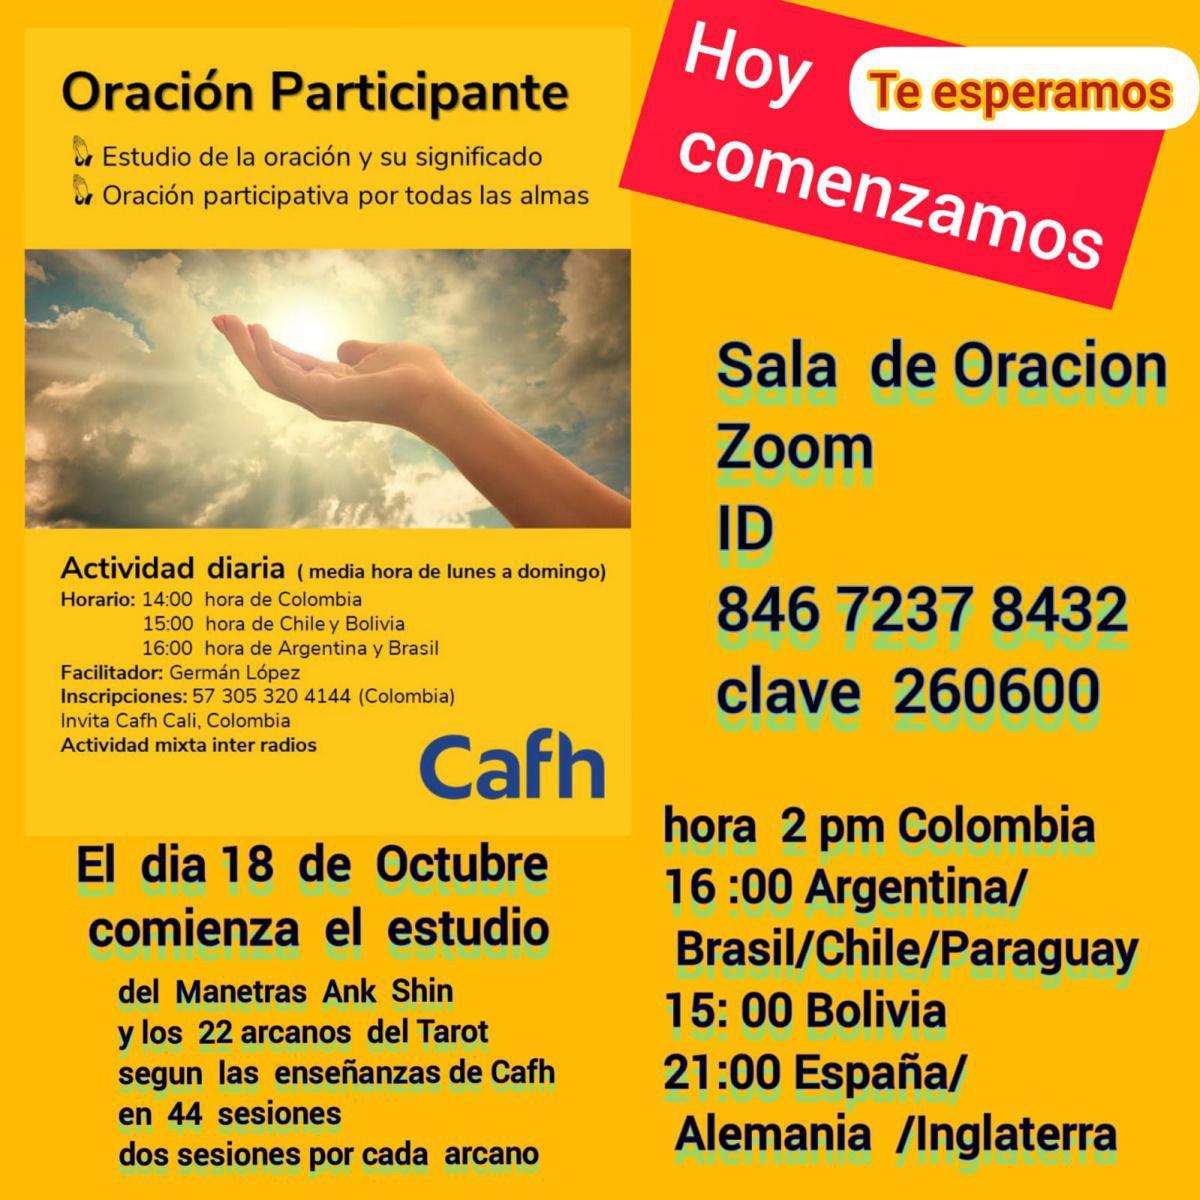 Oración Participante | Cafh Argentina y Brasil